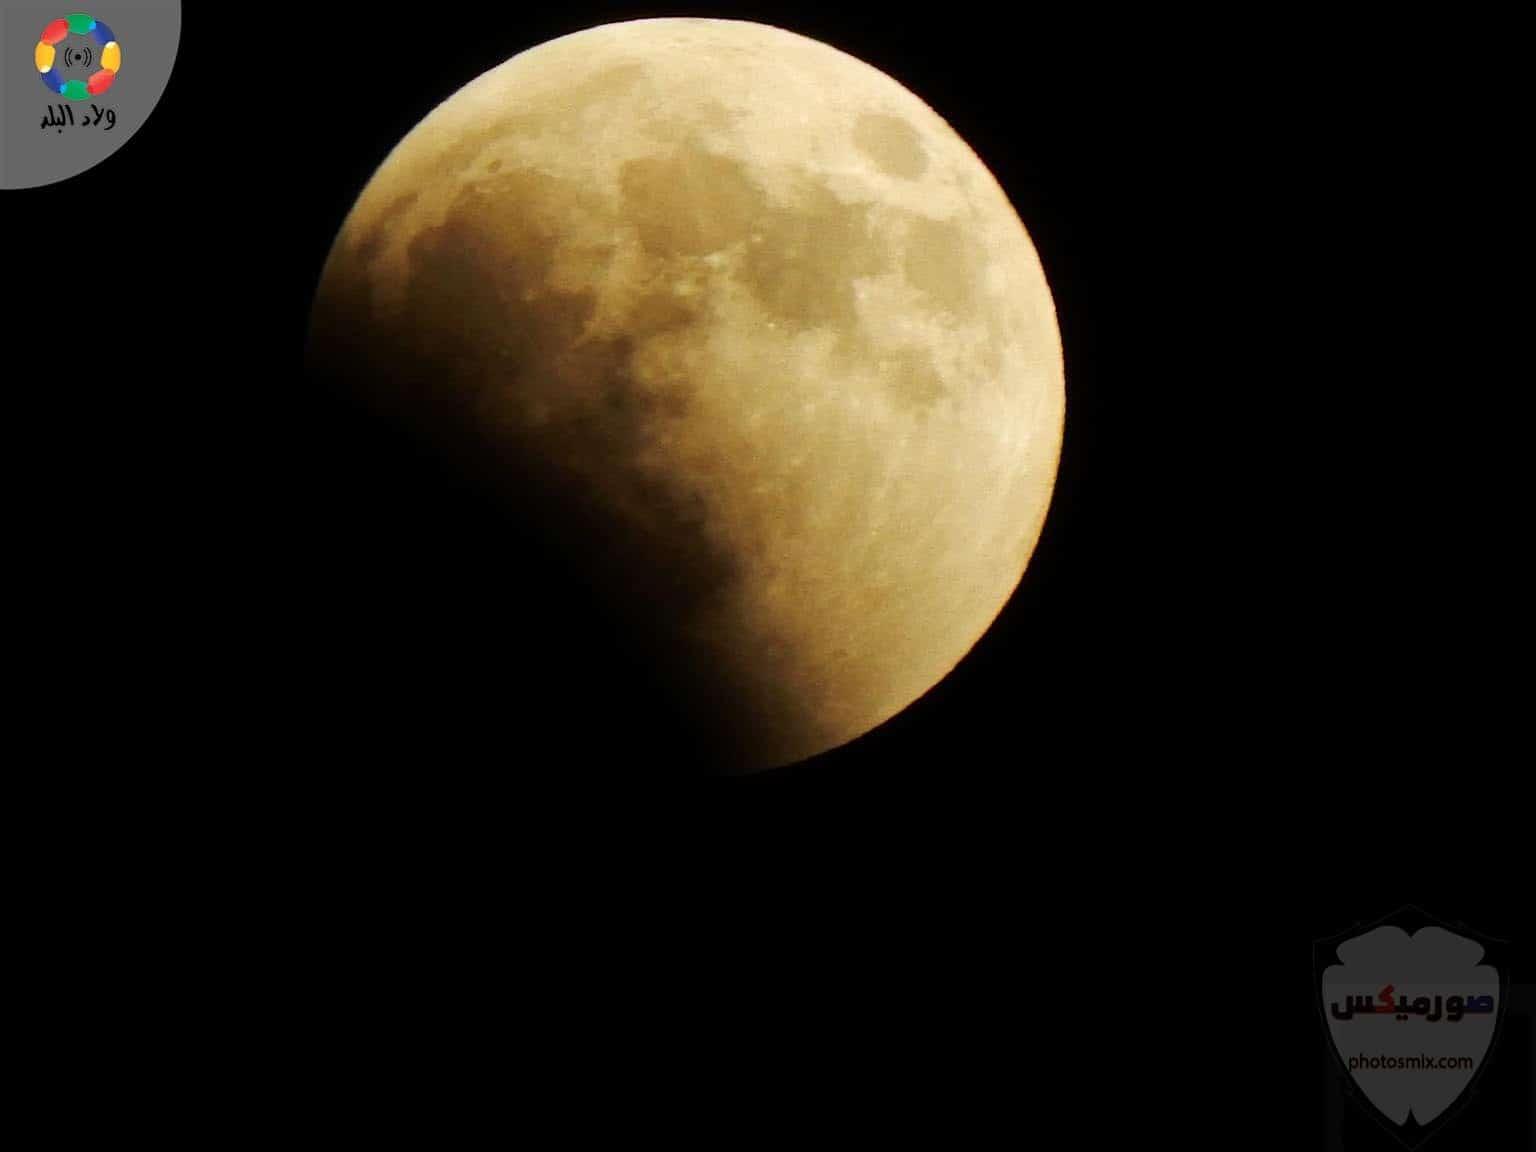 صور القمر العملاق رمزيات عن القمر العملاق صور قمر وسط النجوم 4